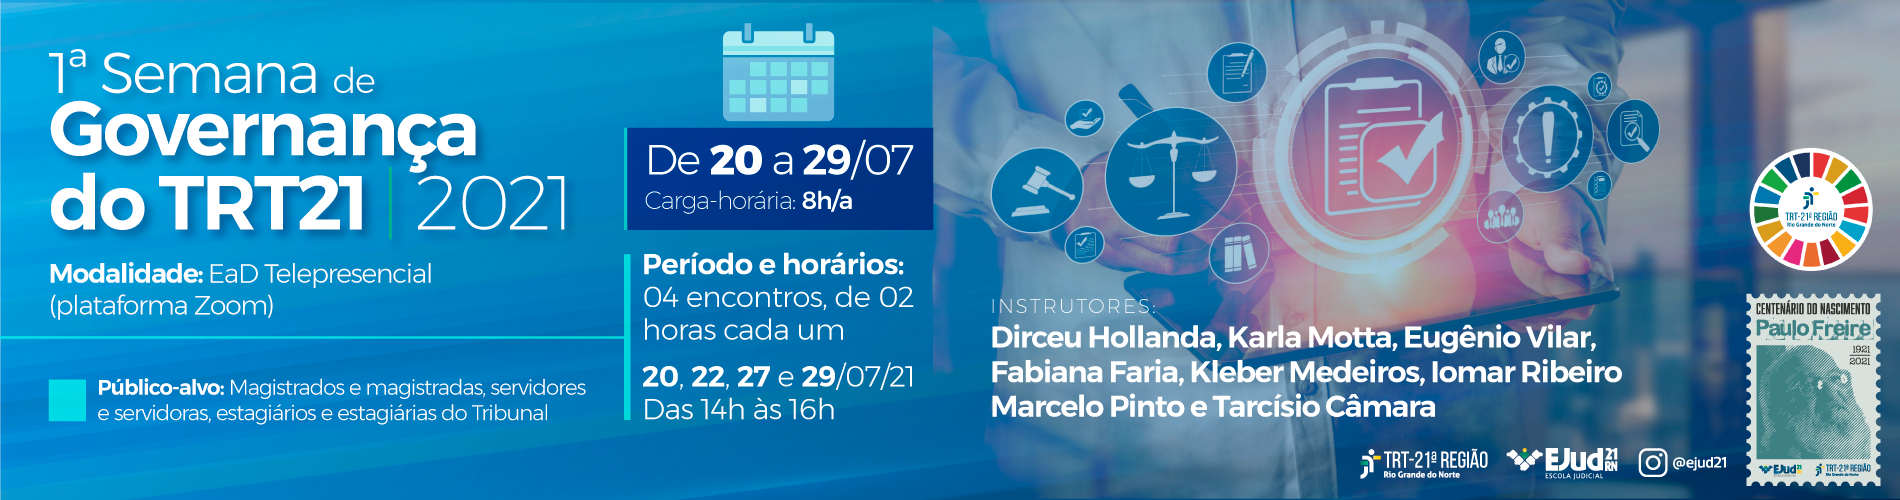 EJud21 promove 1ª Semana de Governança Institucional do TRT21